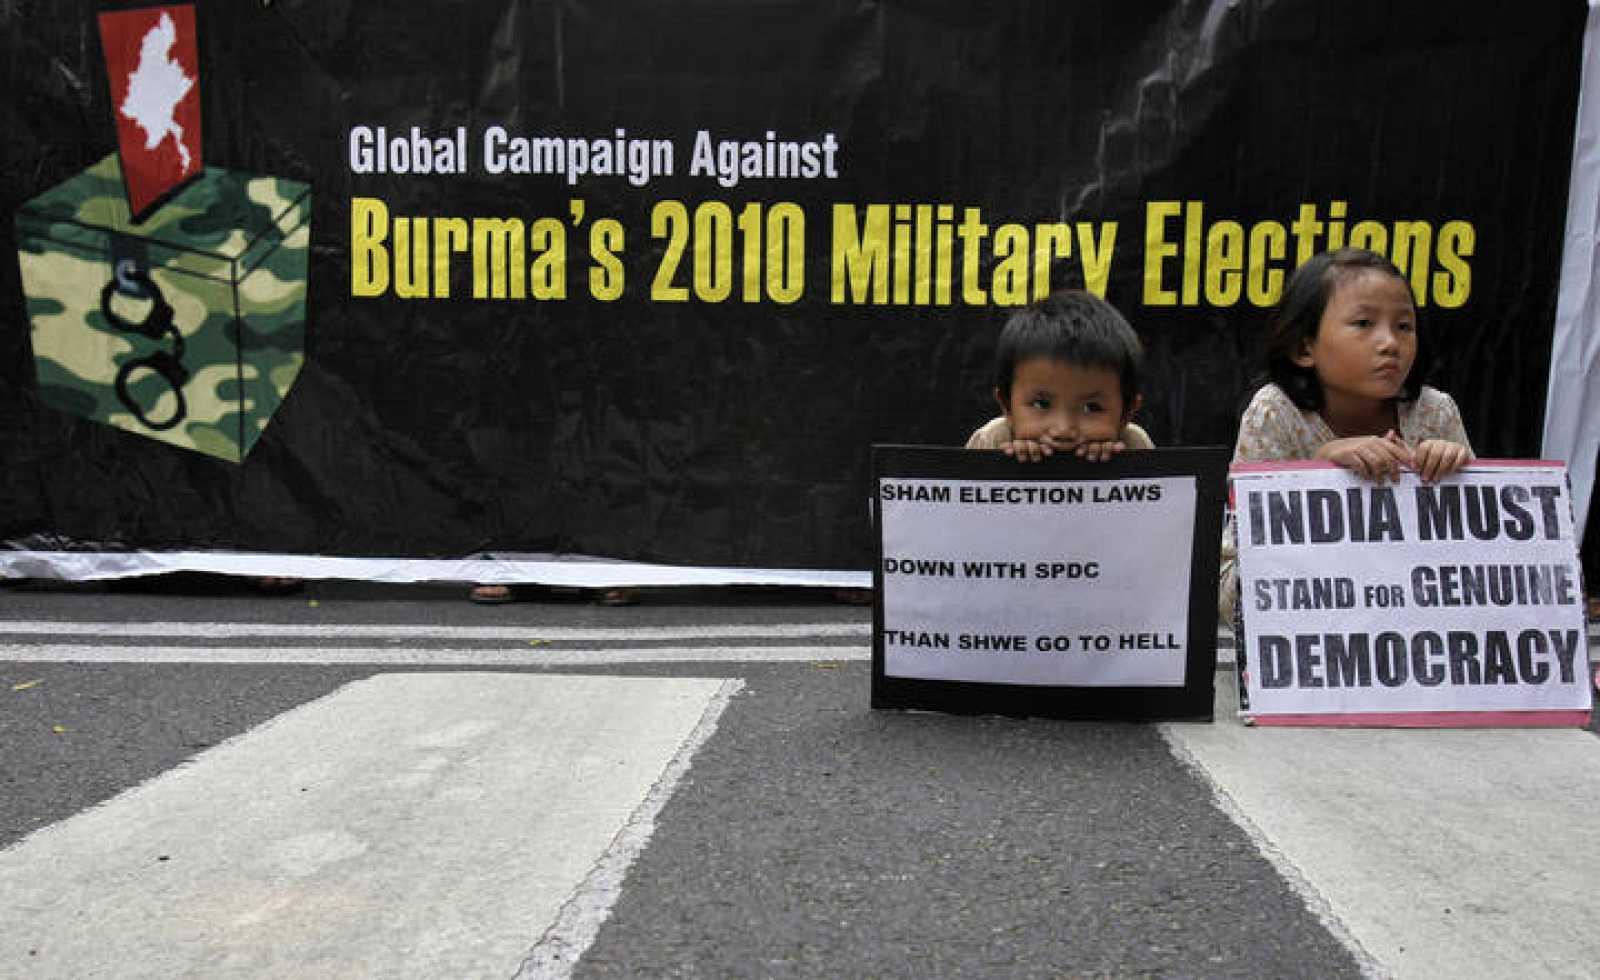 Dos niños durante una protesta contra el proceso electoral en Birmania